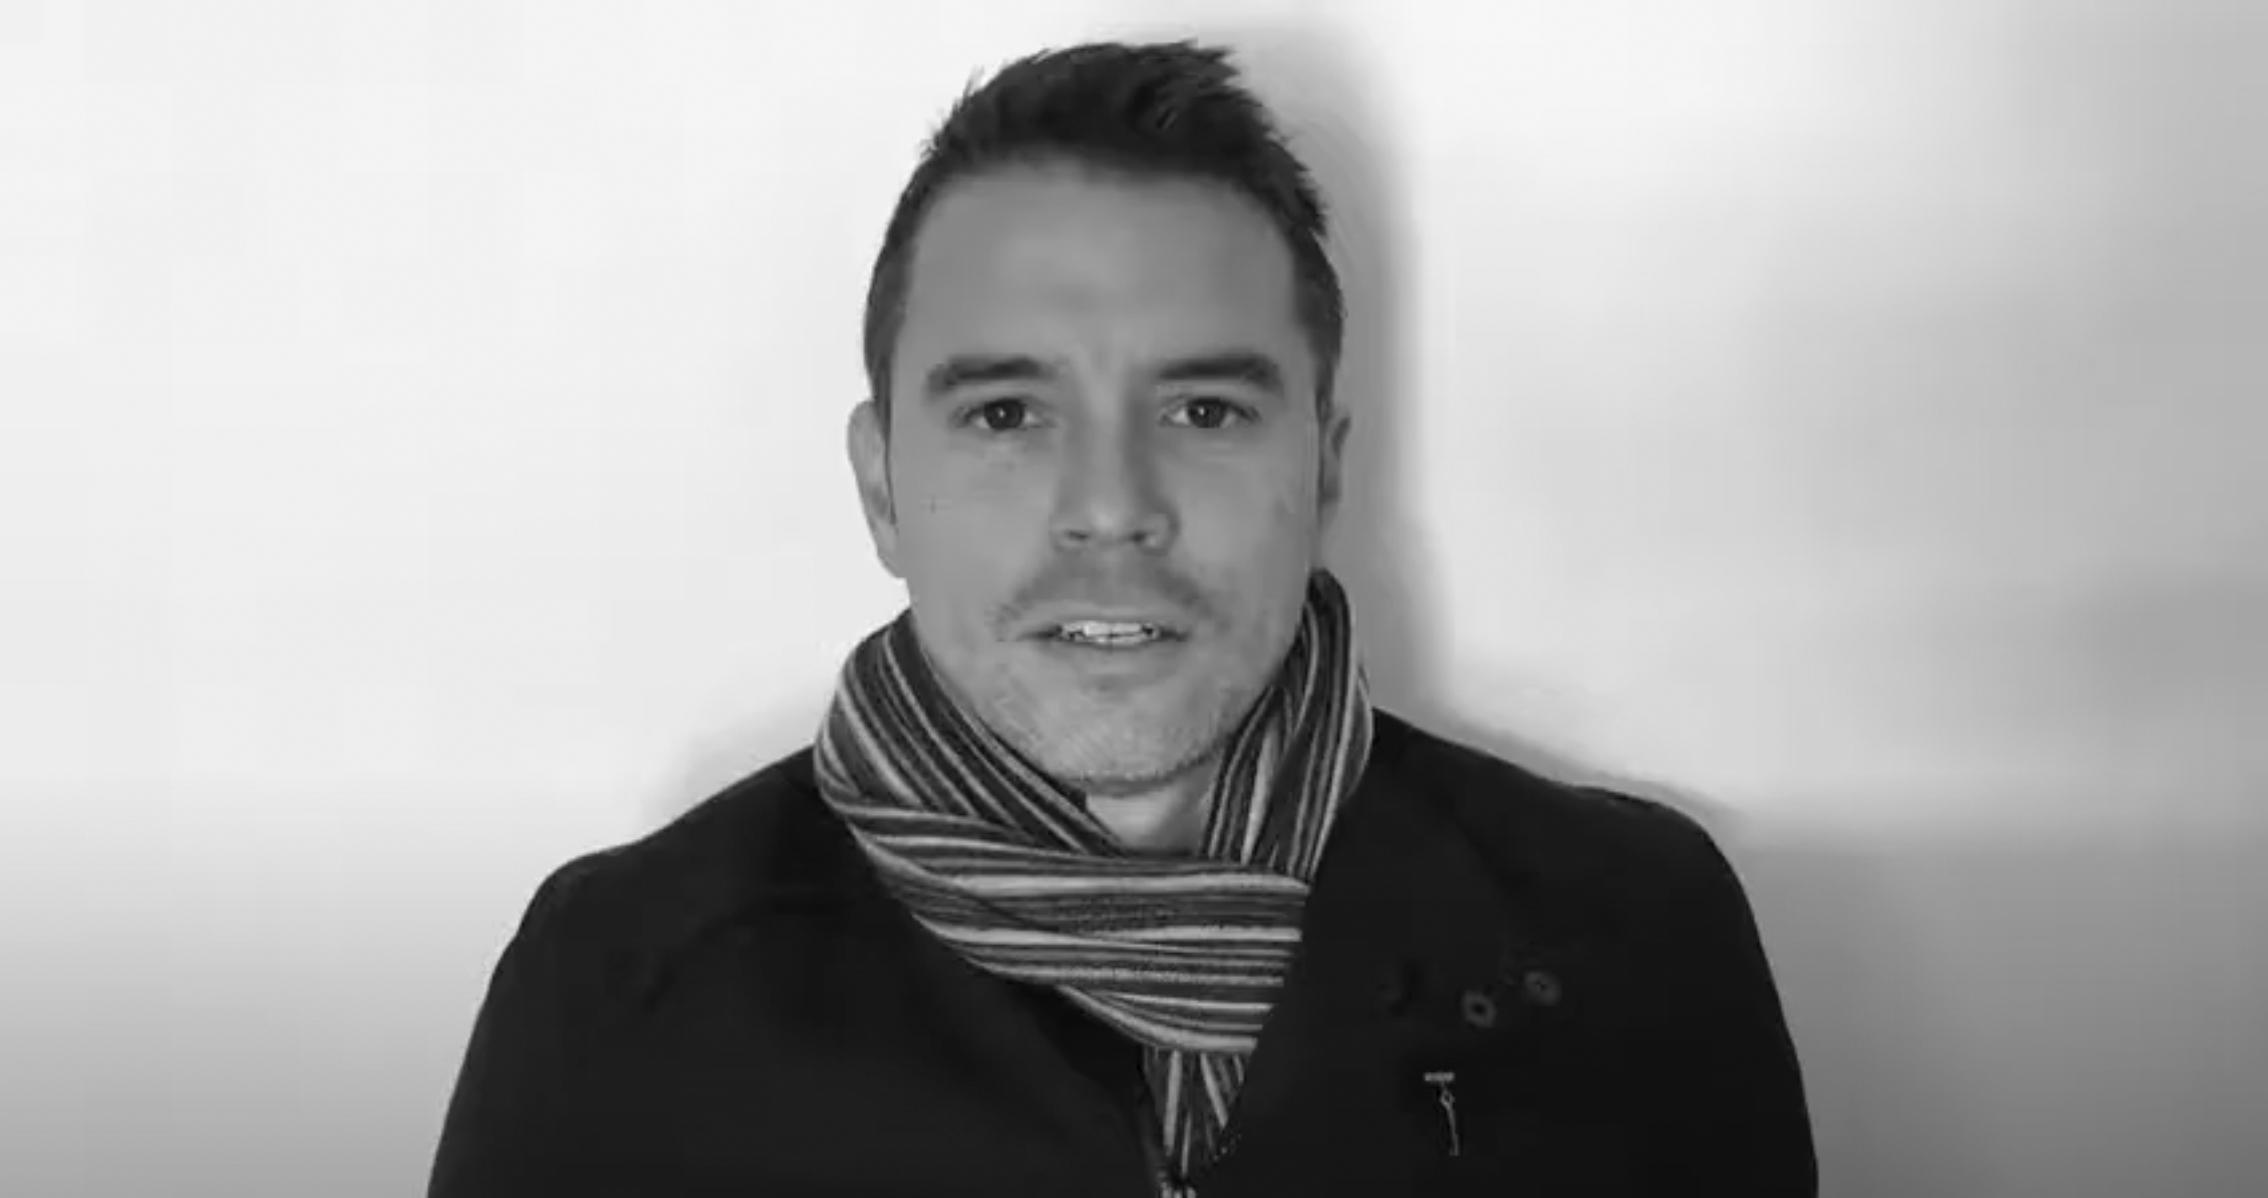 Football player Javier Saviola